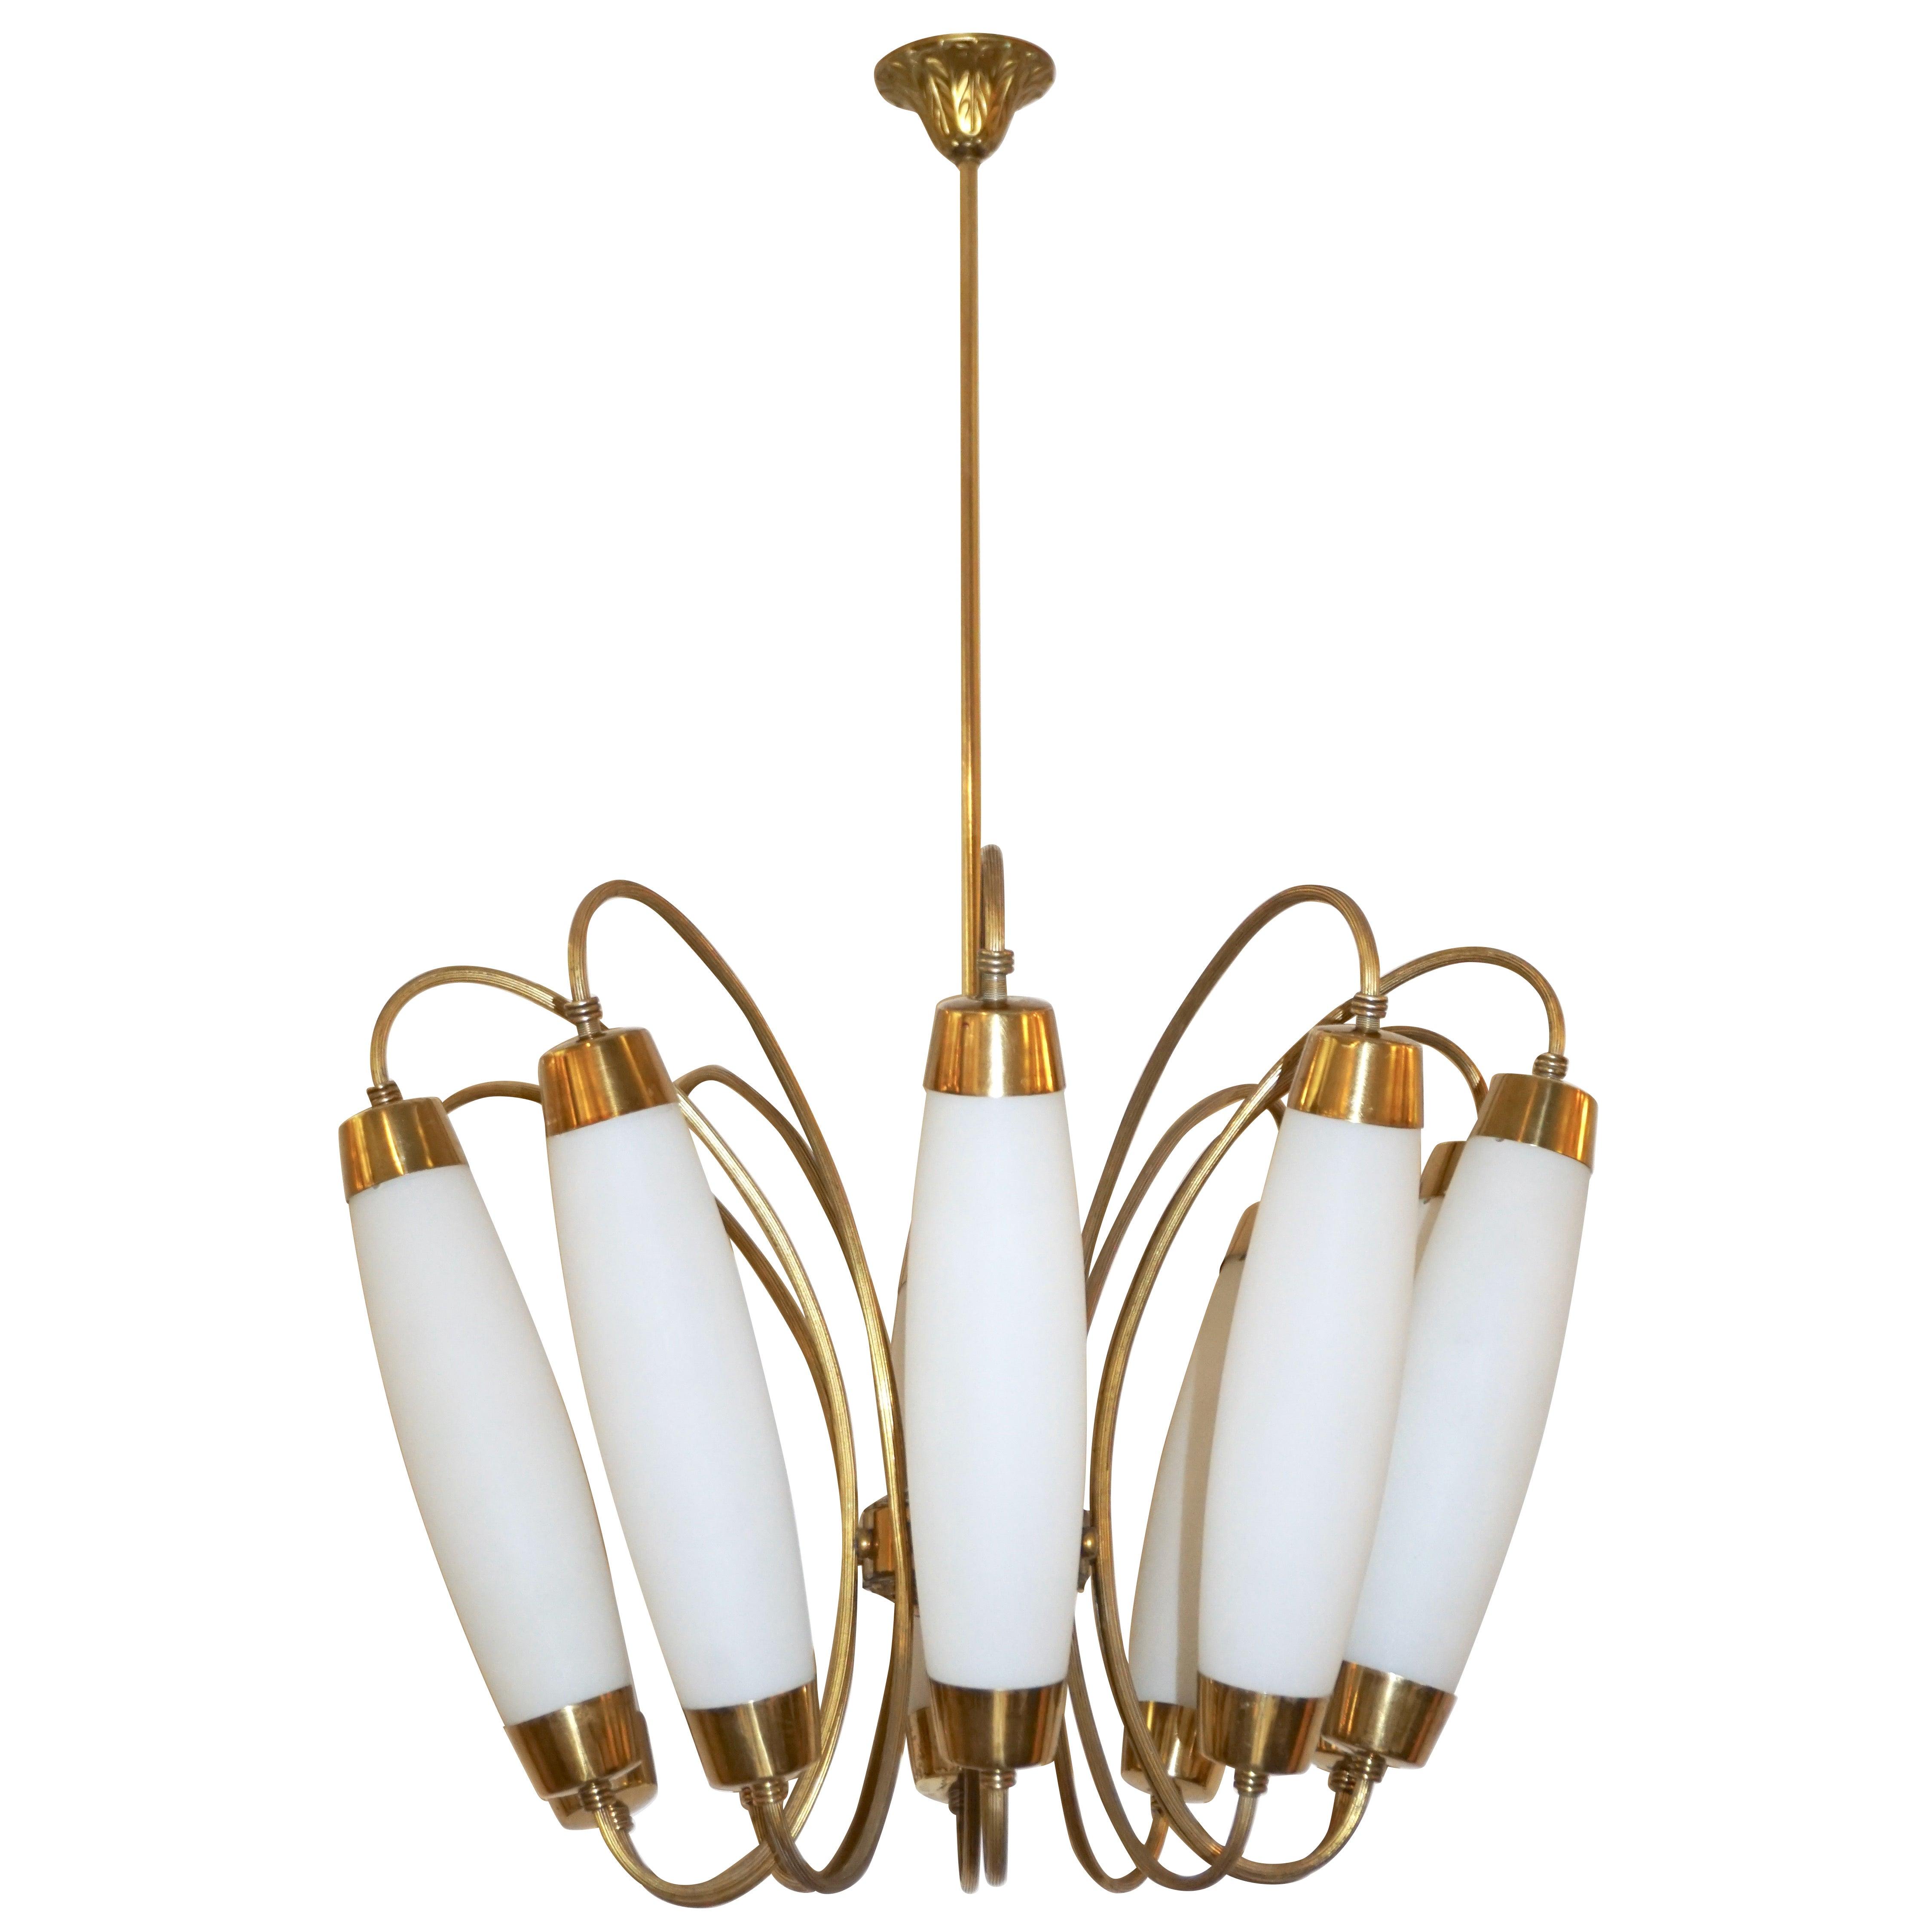 1950s Italian Vintage Stilnovo Style White Glass Ten-Light Brass Chandelier